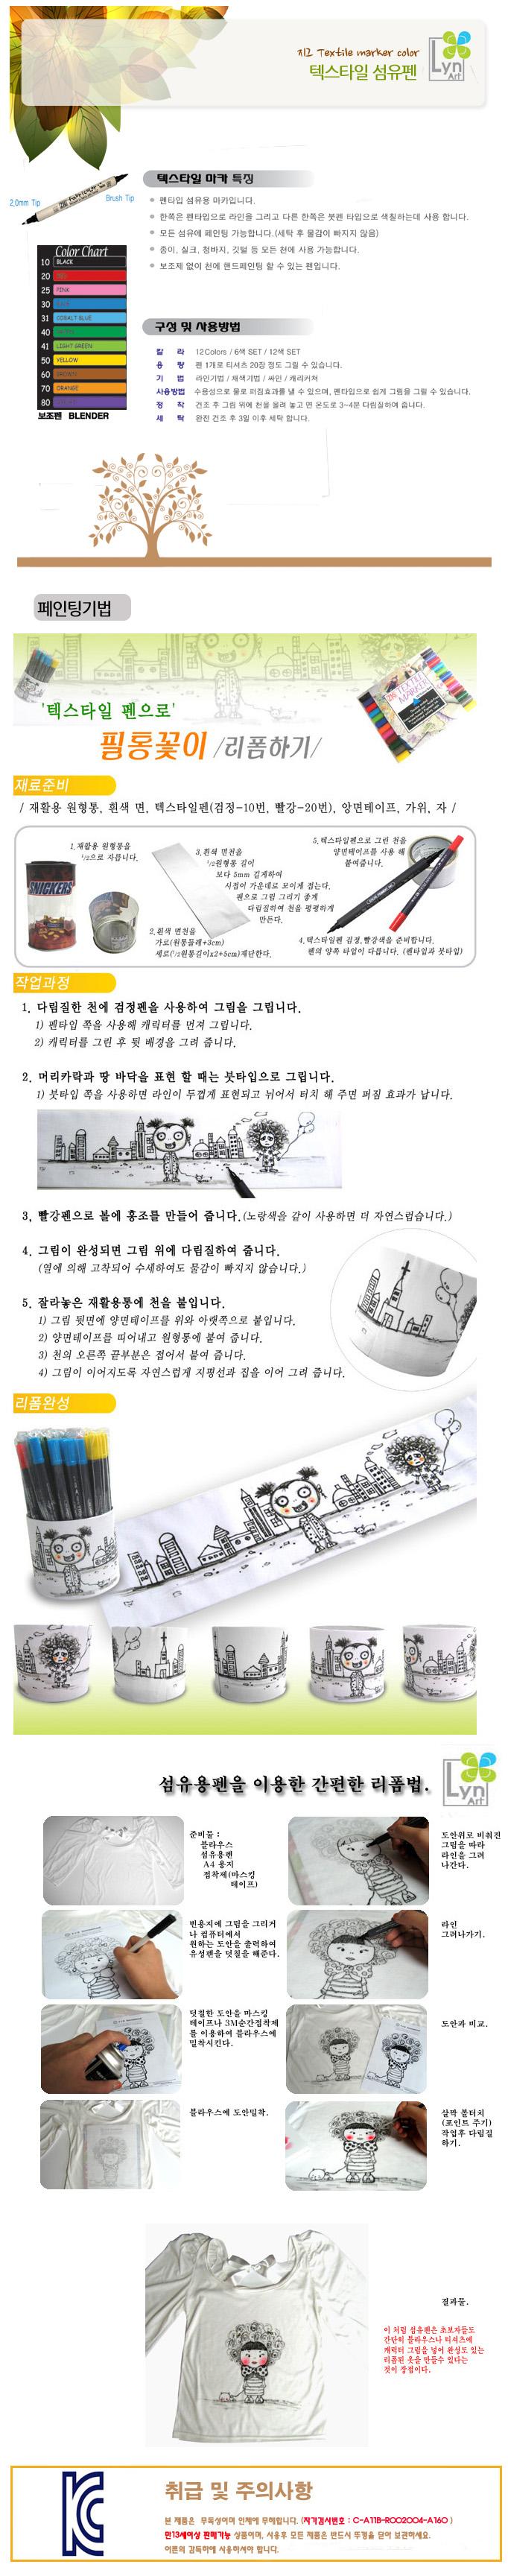 패브릭 펜 (염색펜) - 린아트, 3,800원, 전통/염색공예, 염료/염색용품